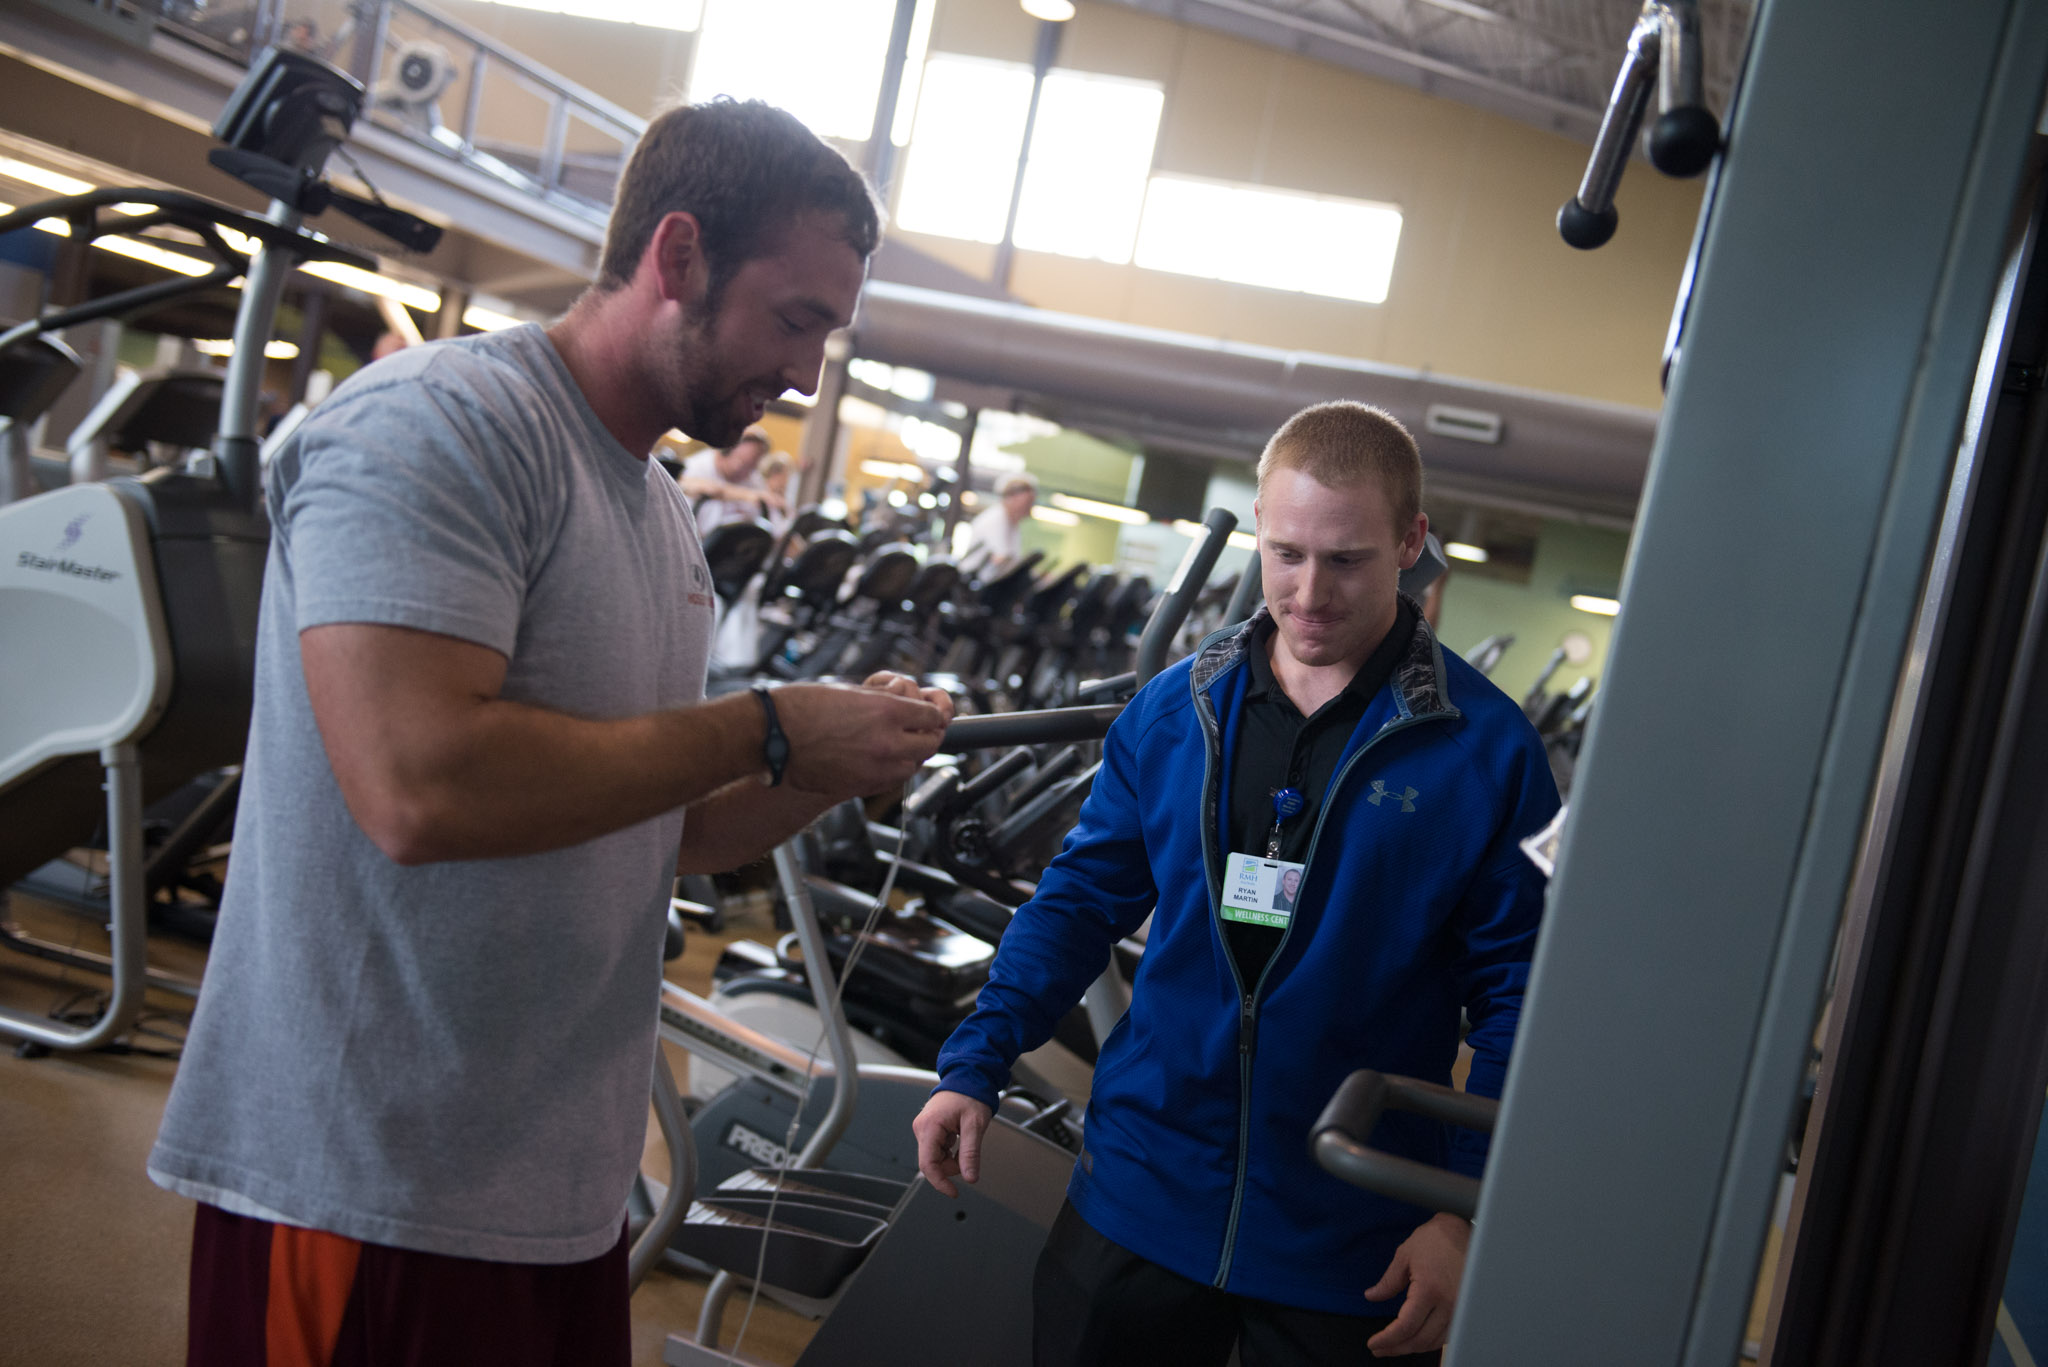 Wellness Center Stock Photos-1410.jpg